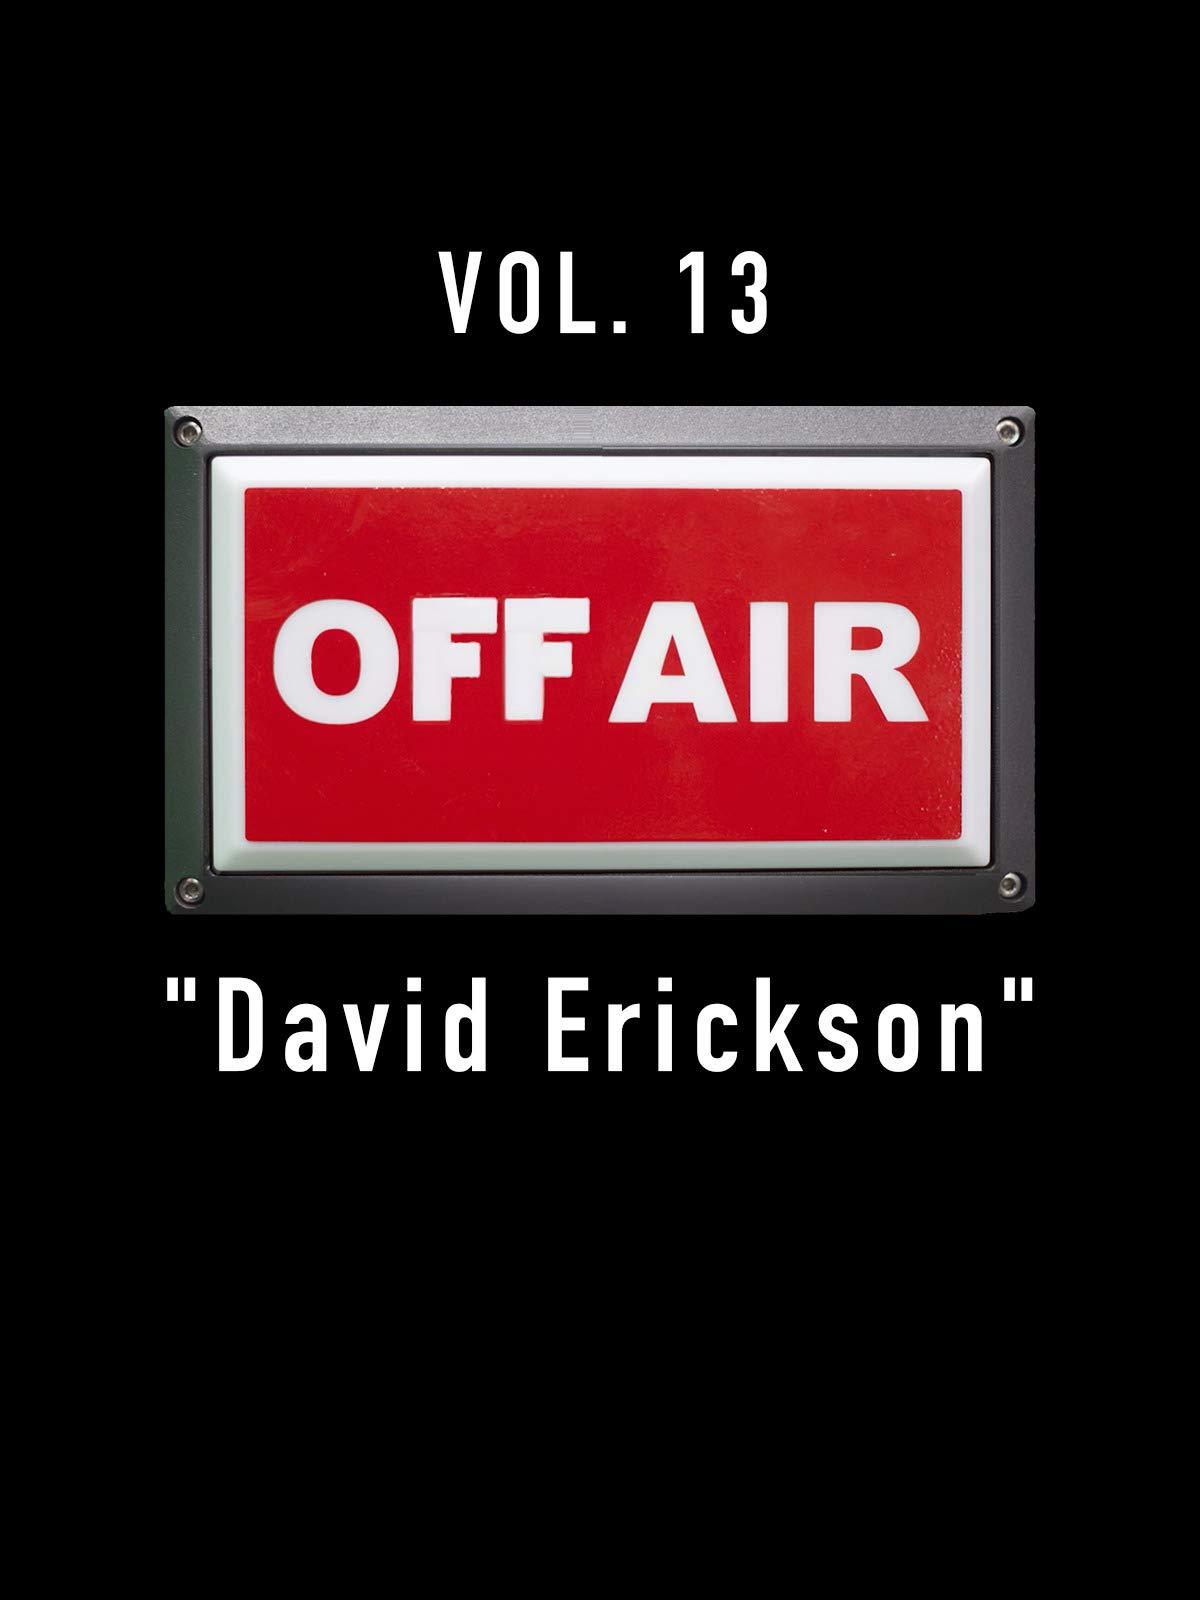 Off-Air Vol. 13